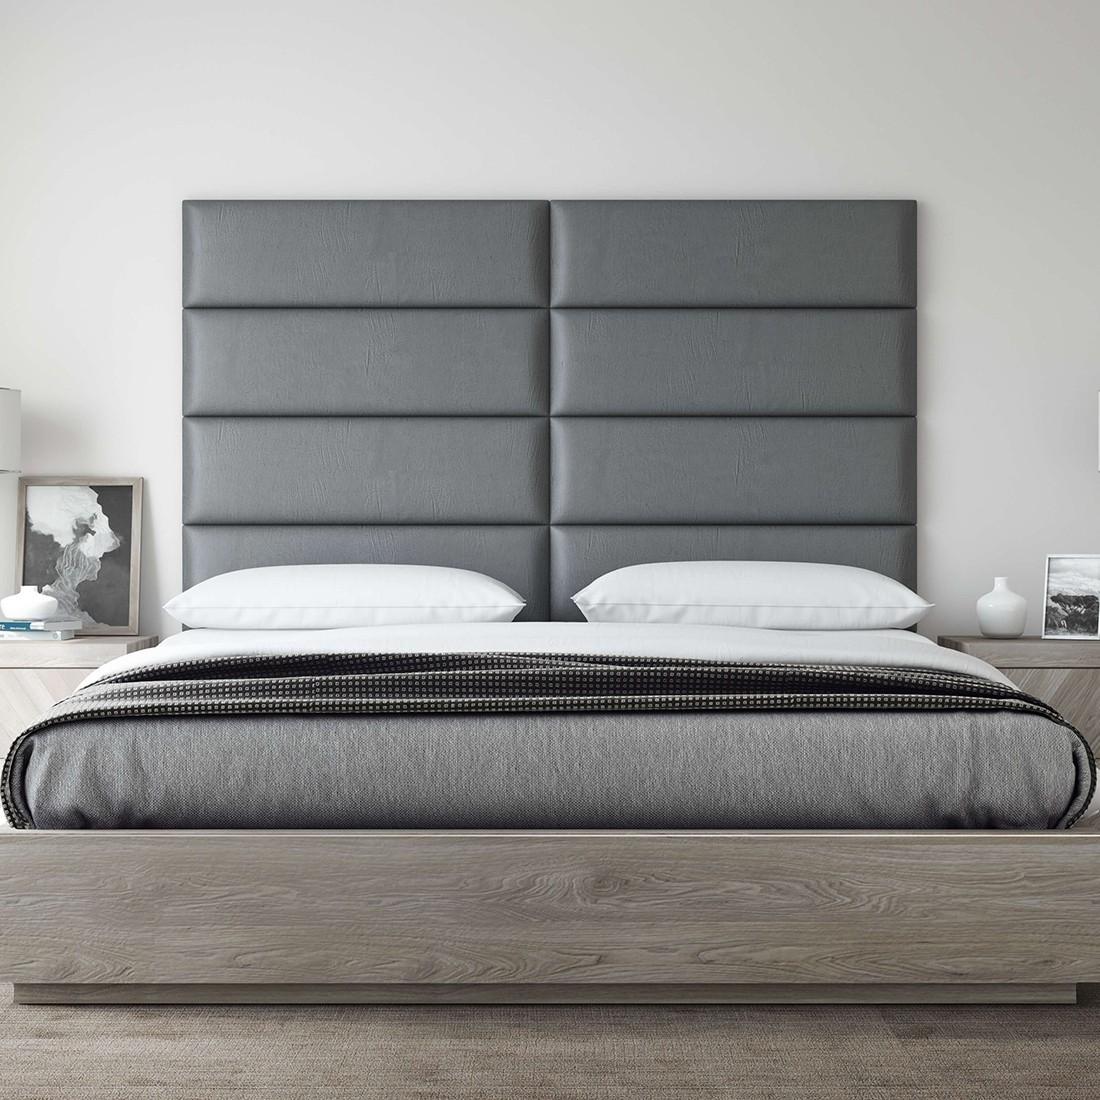 tete de lit capitonnee cuir gris panneau decoratif vant